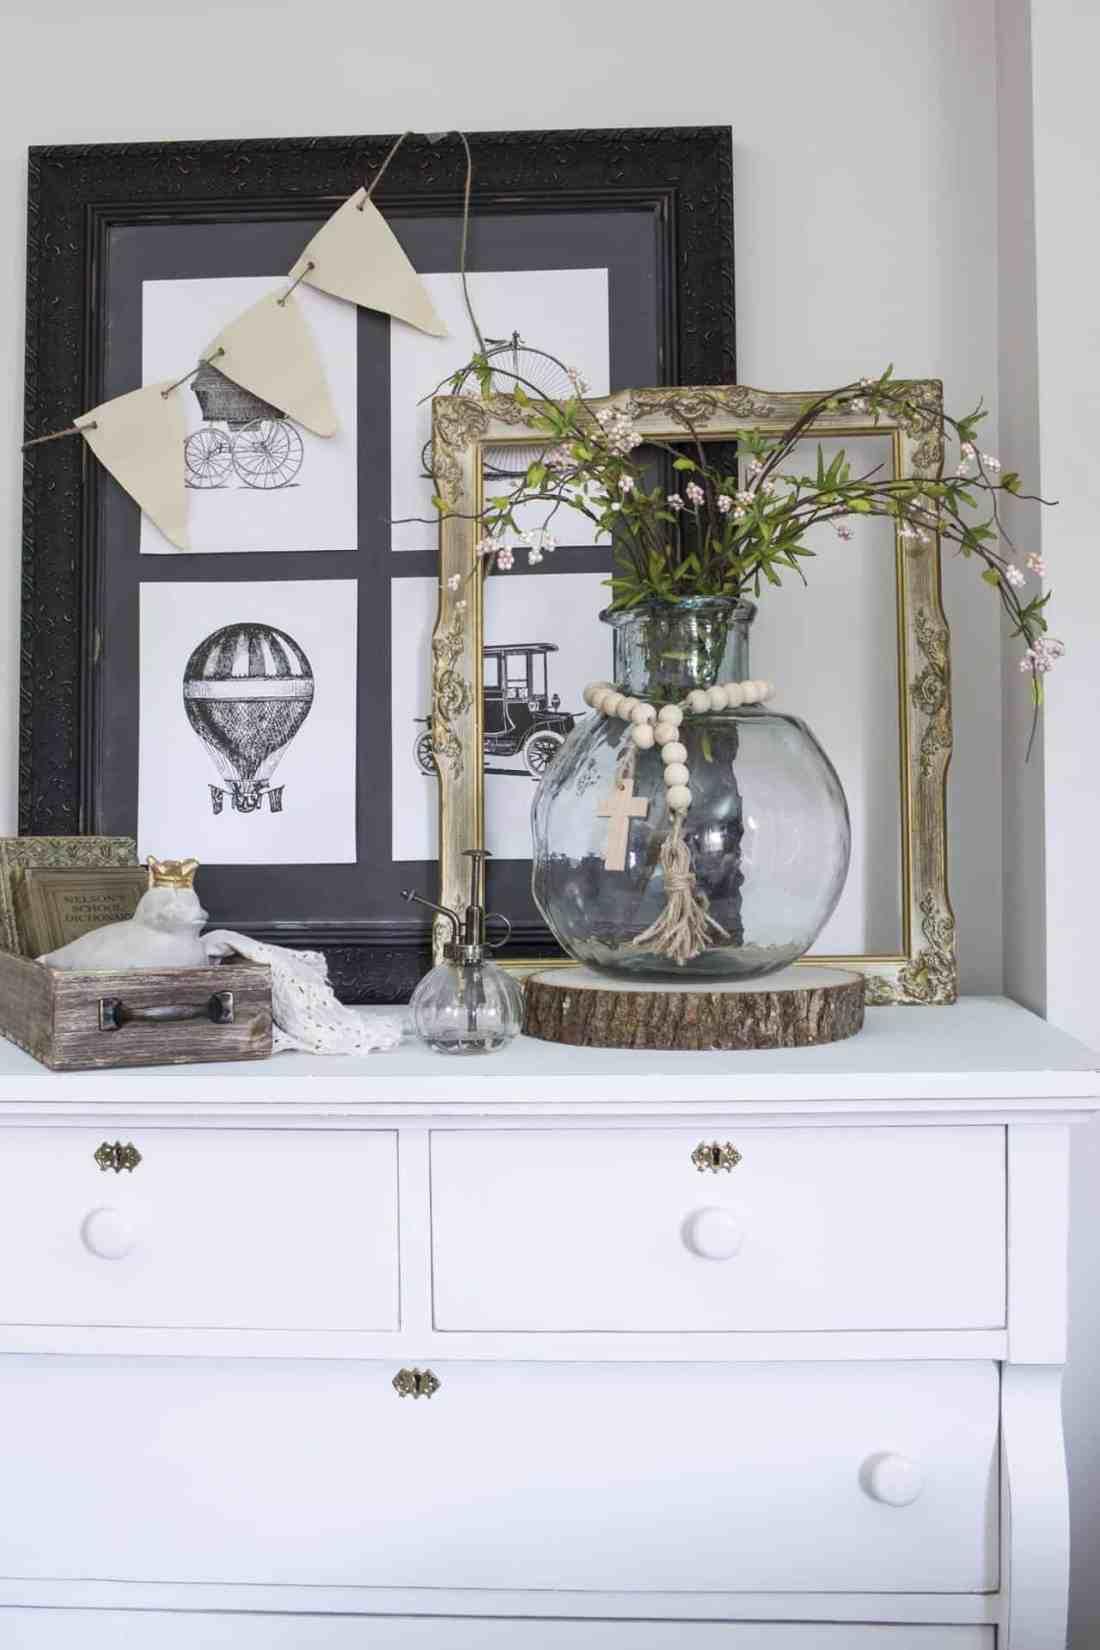 farmhouse vignette on dresser